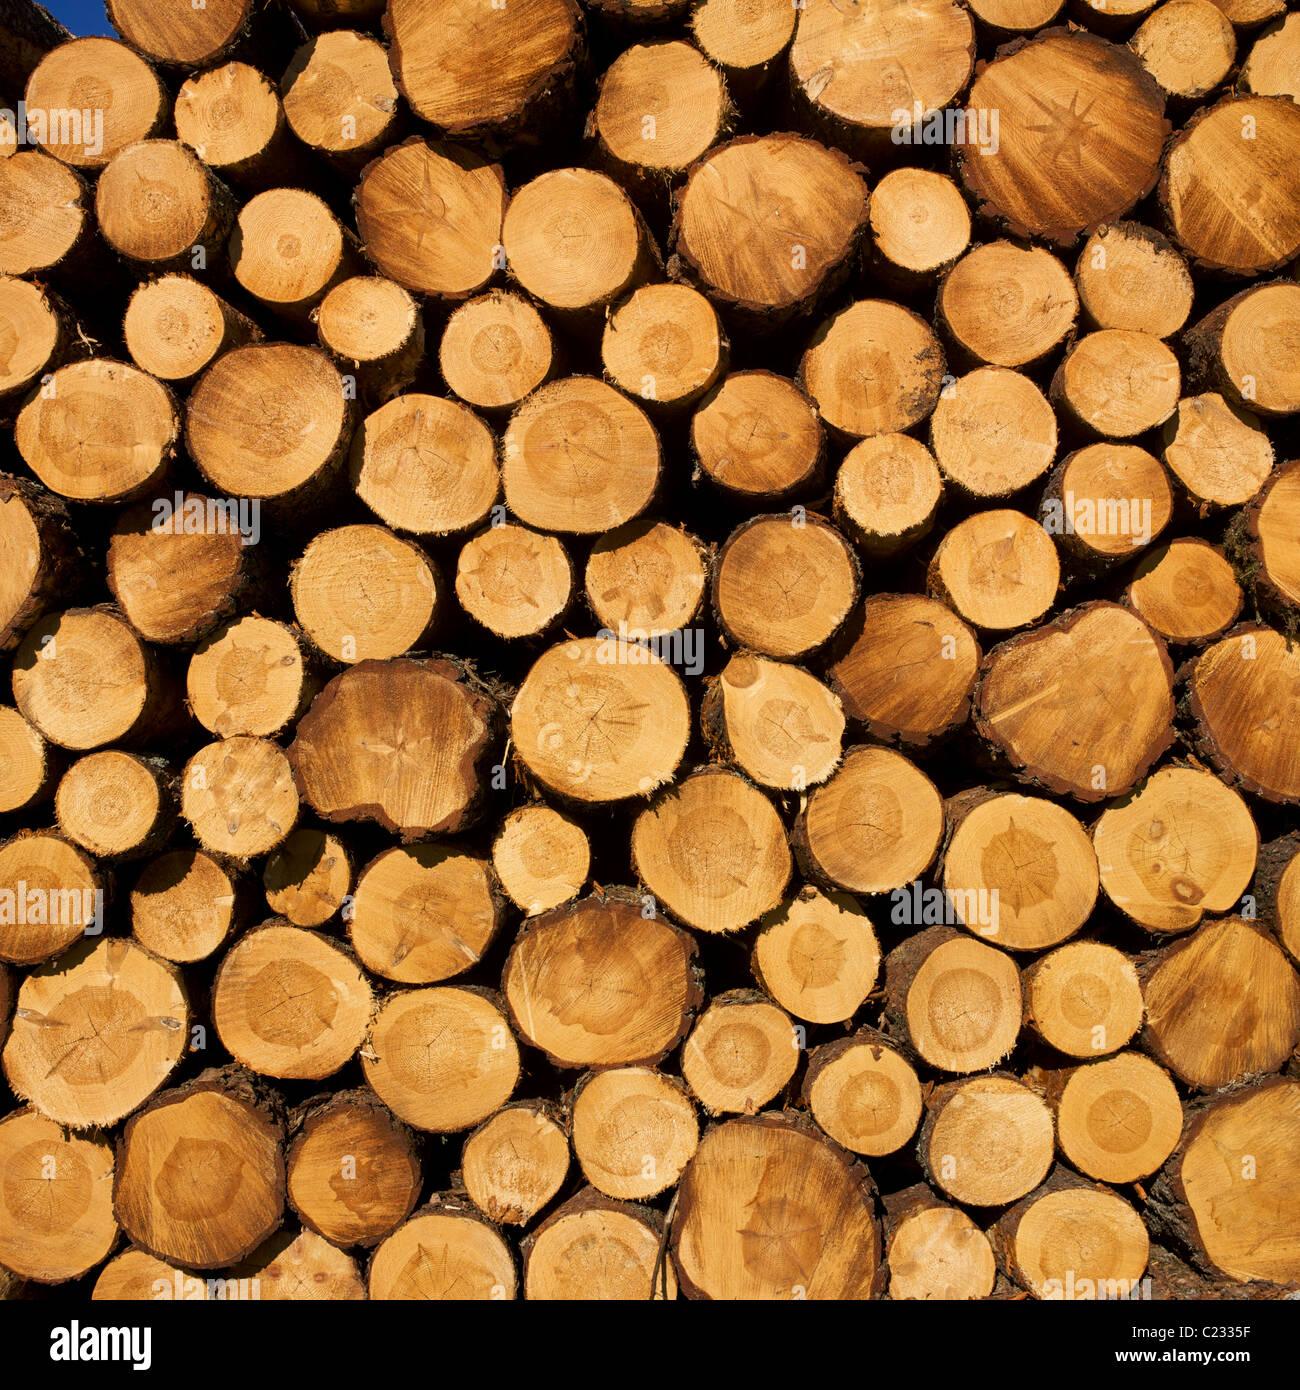 Pila de troncos de madera. Imagen De Stock